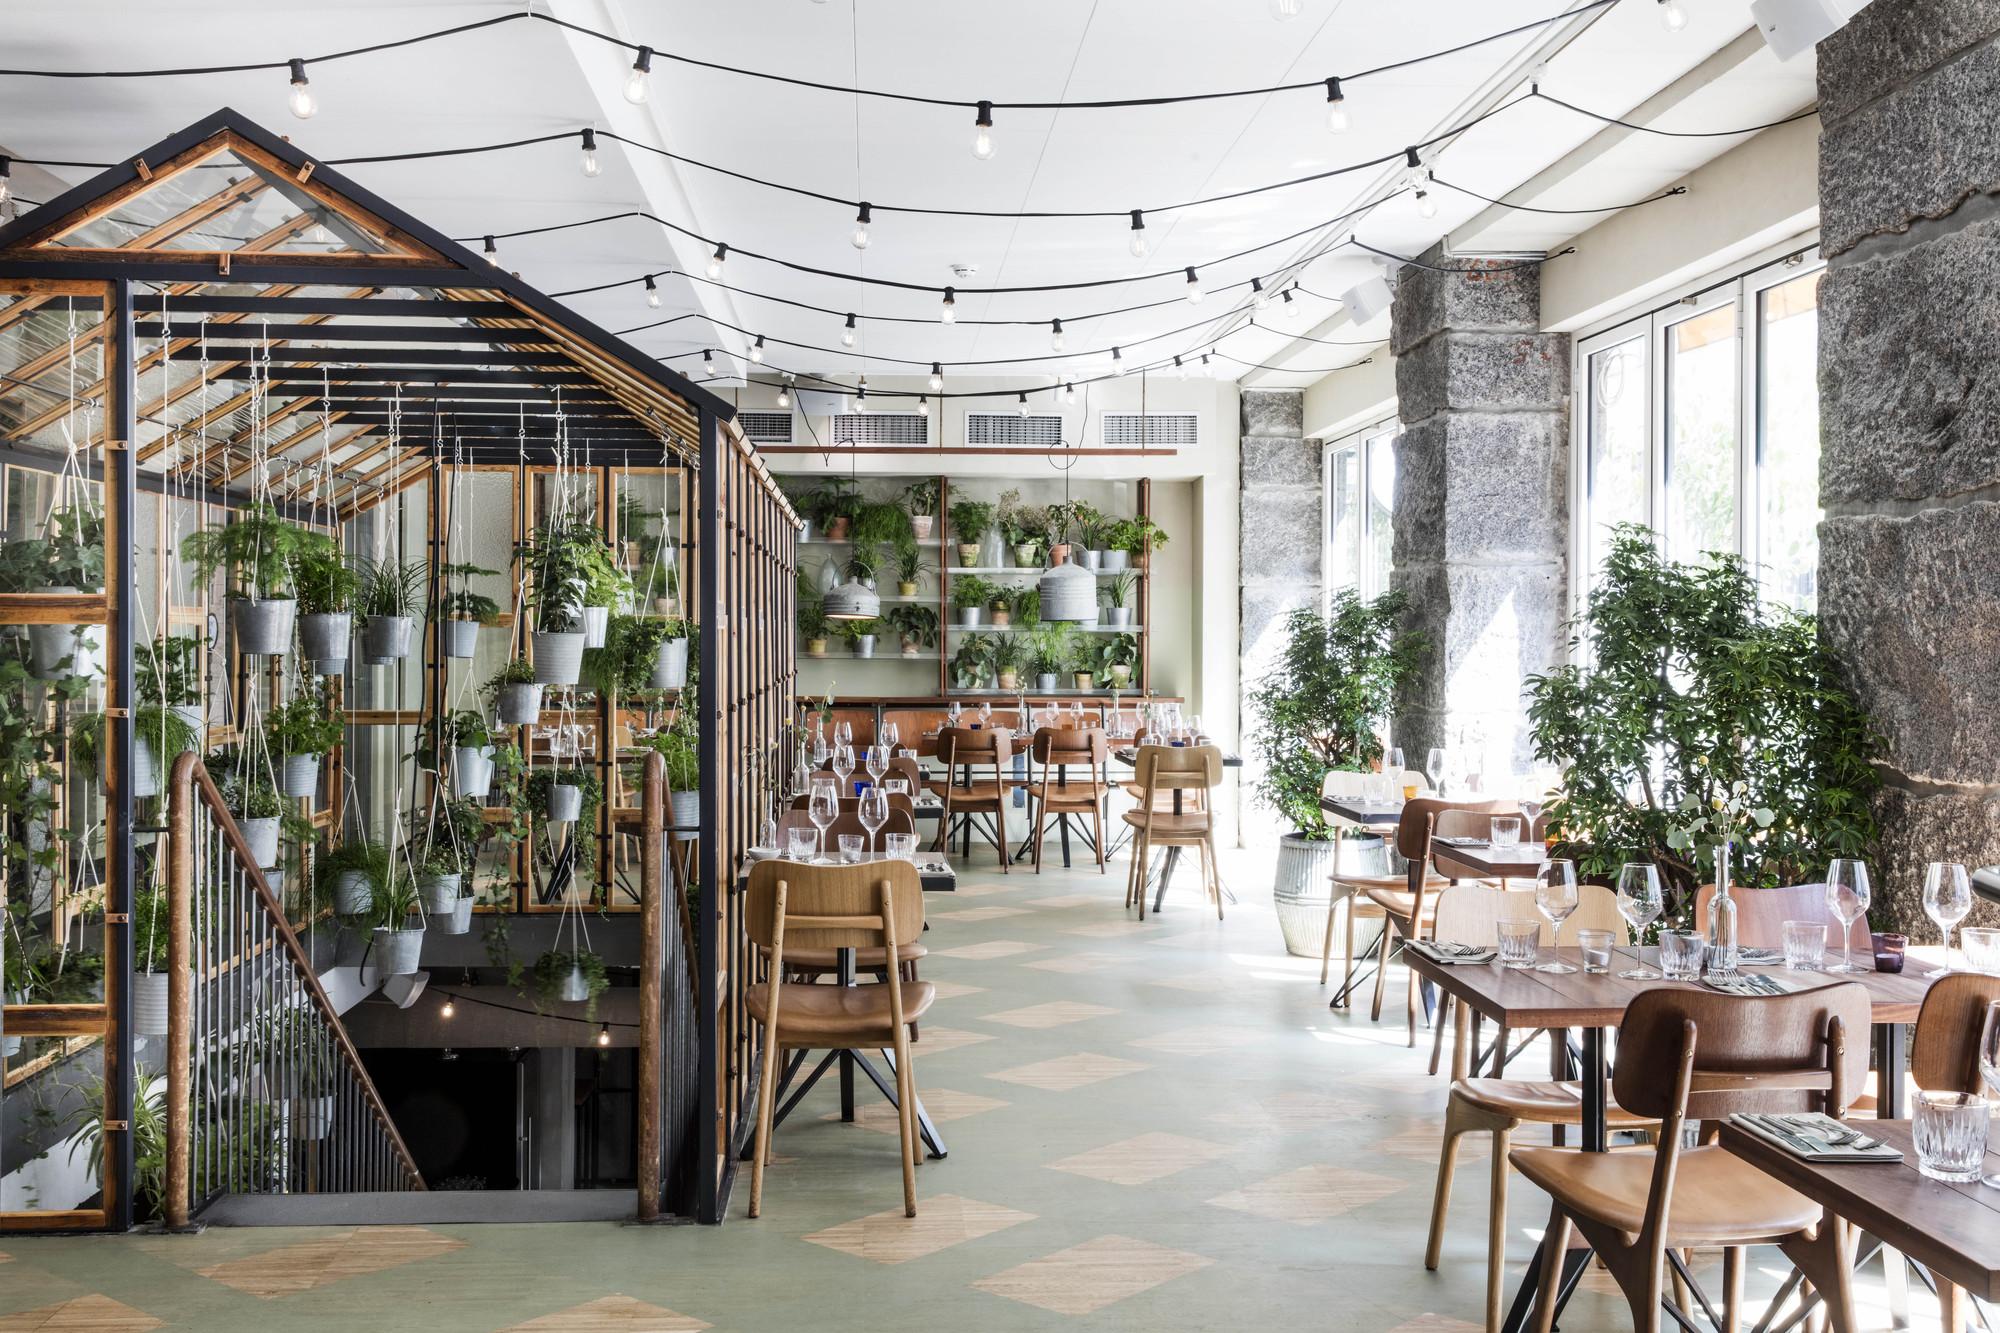 Restaurant v kst genbyg archdaily - Jonathan s restaurant garden city ...